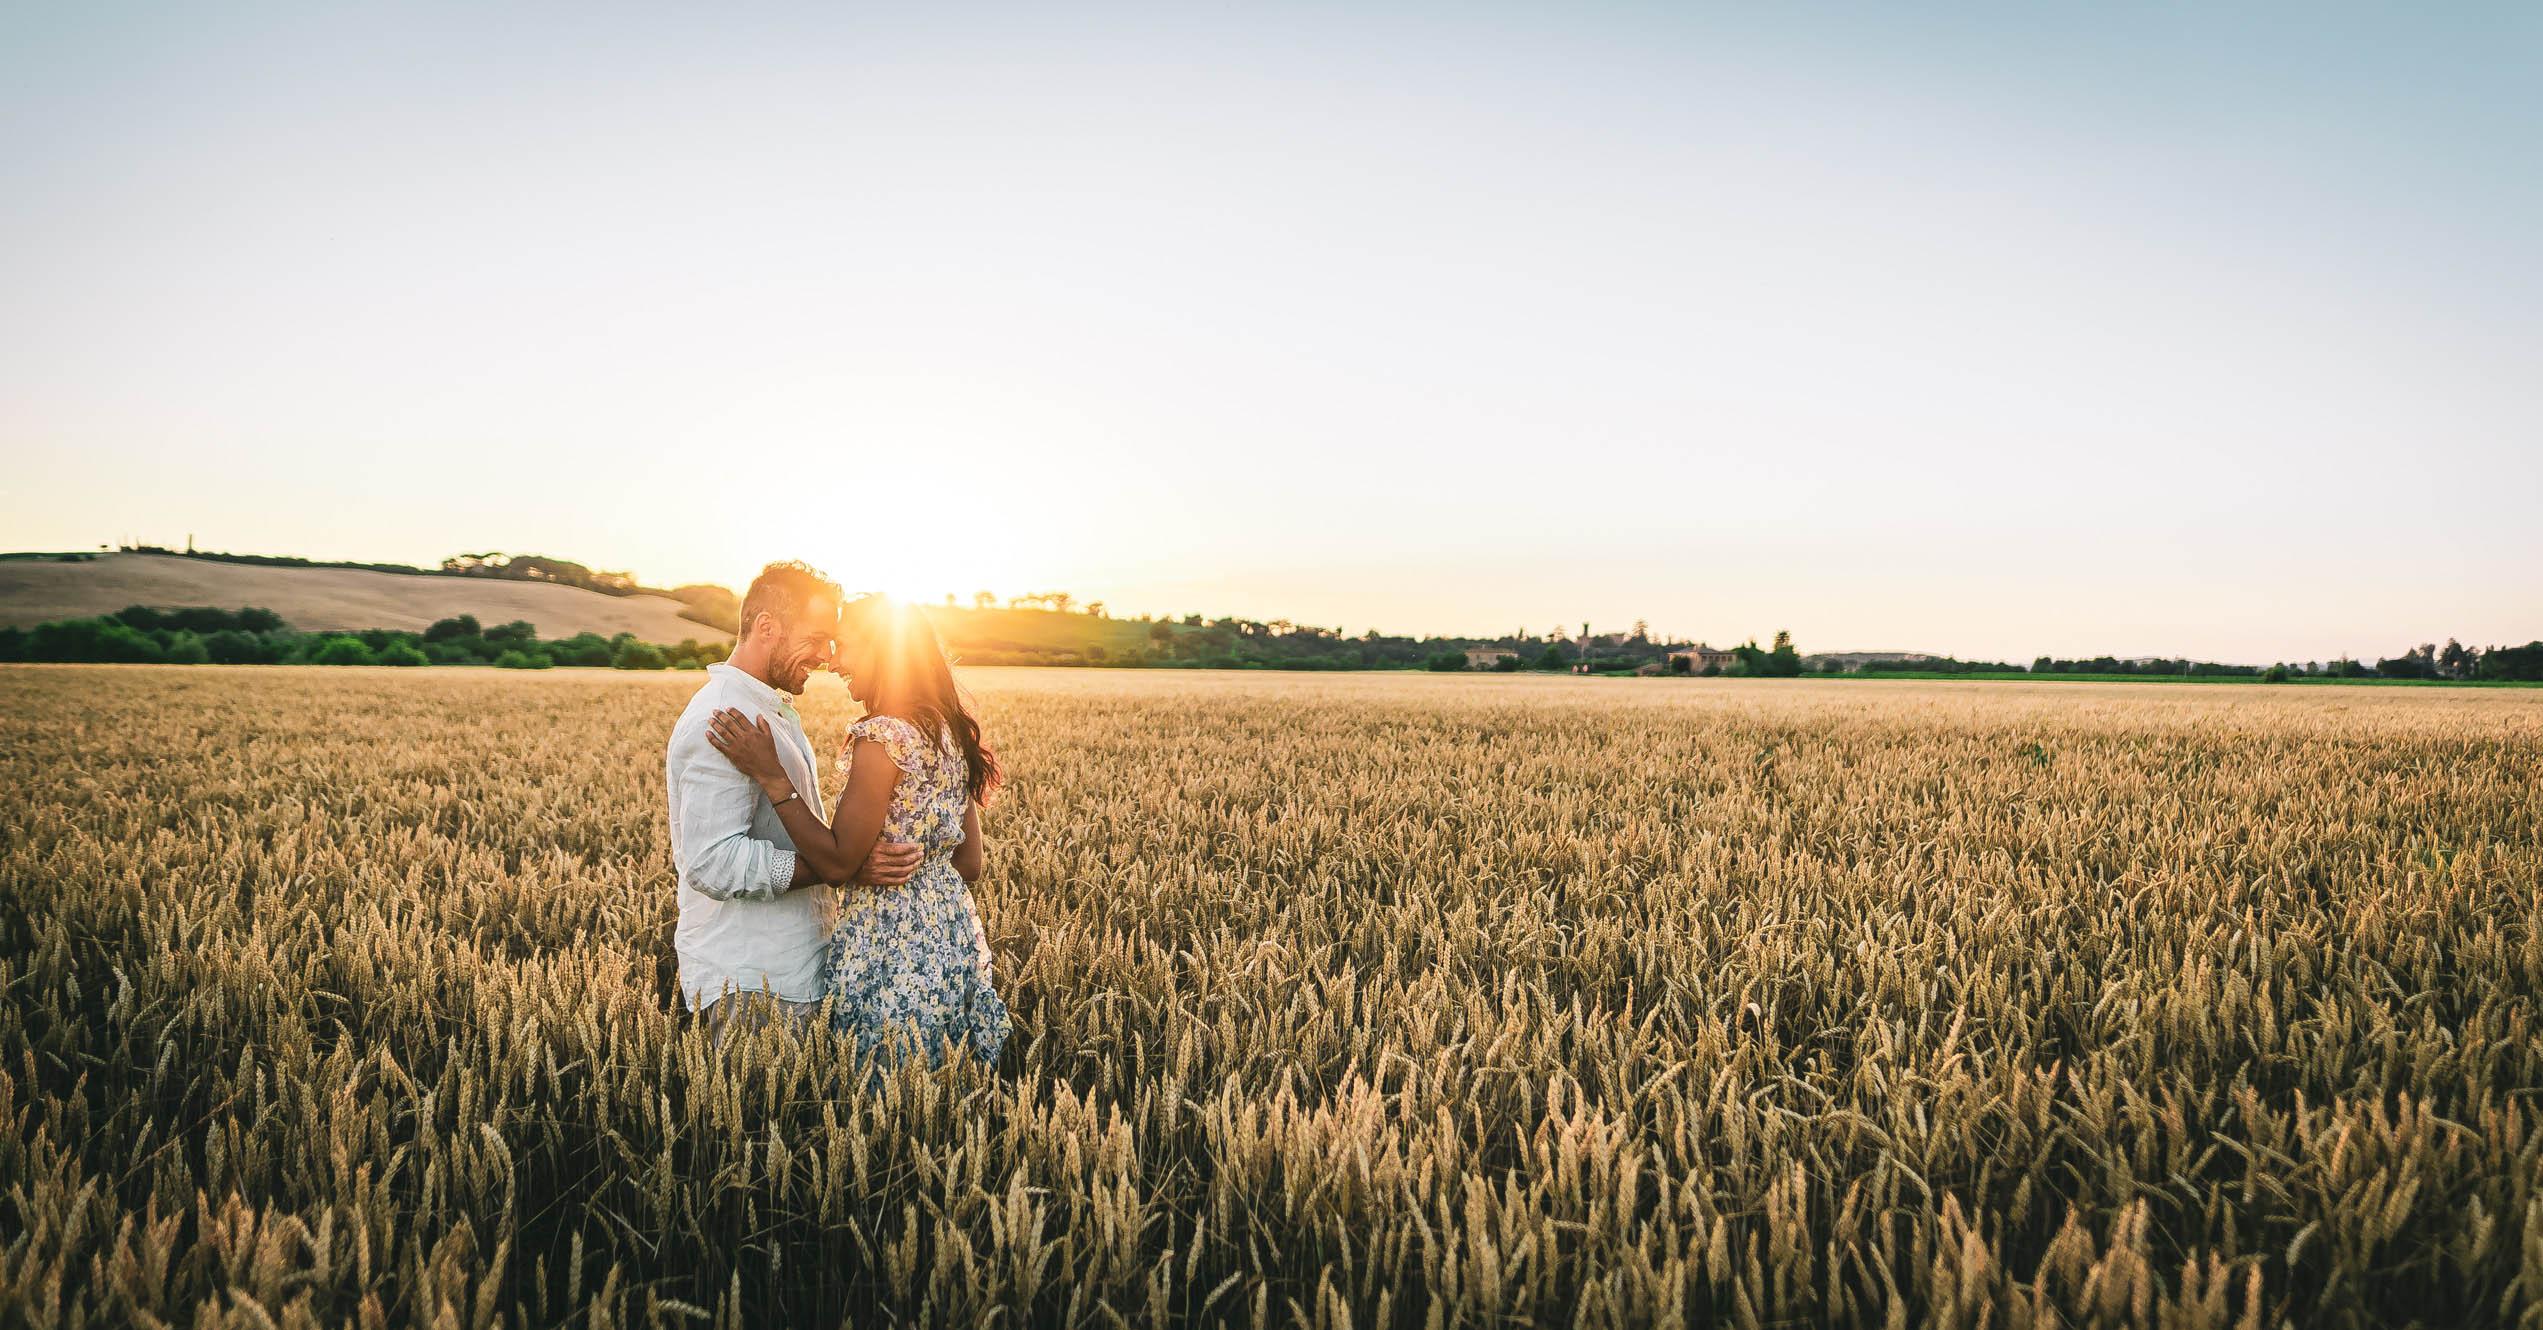 fotografie di sposi dopo matrimonio a tramonto in toscana